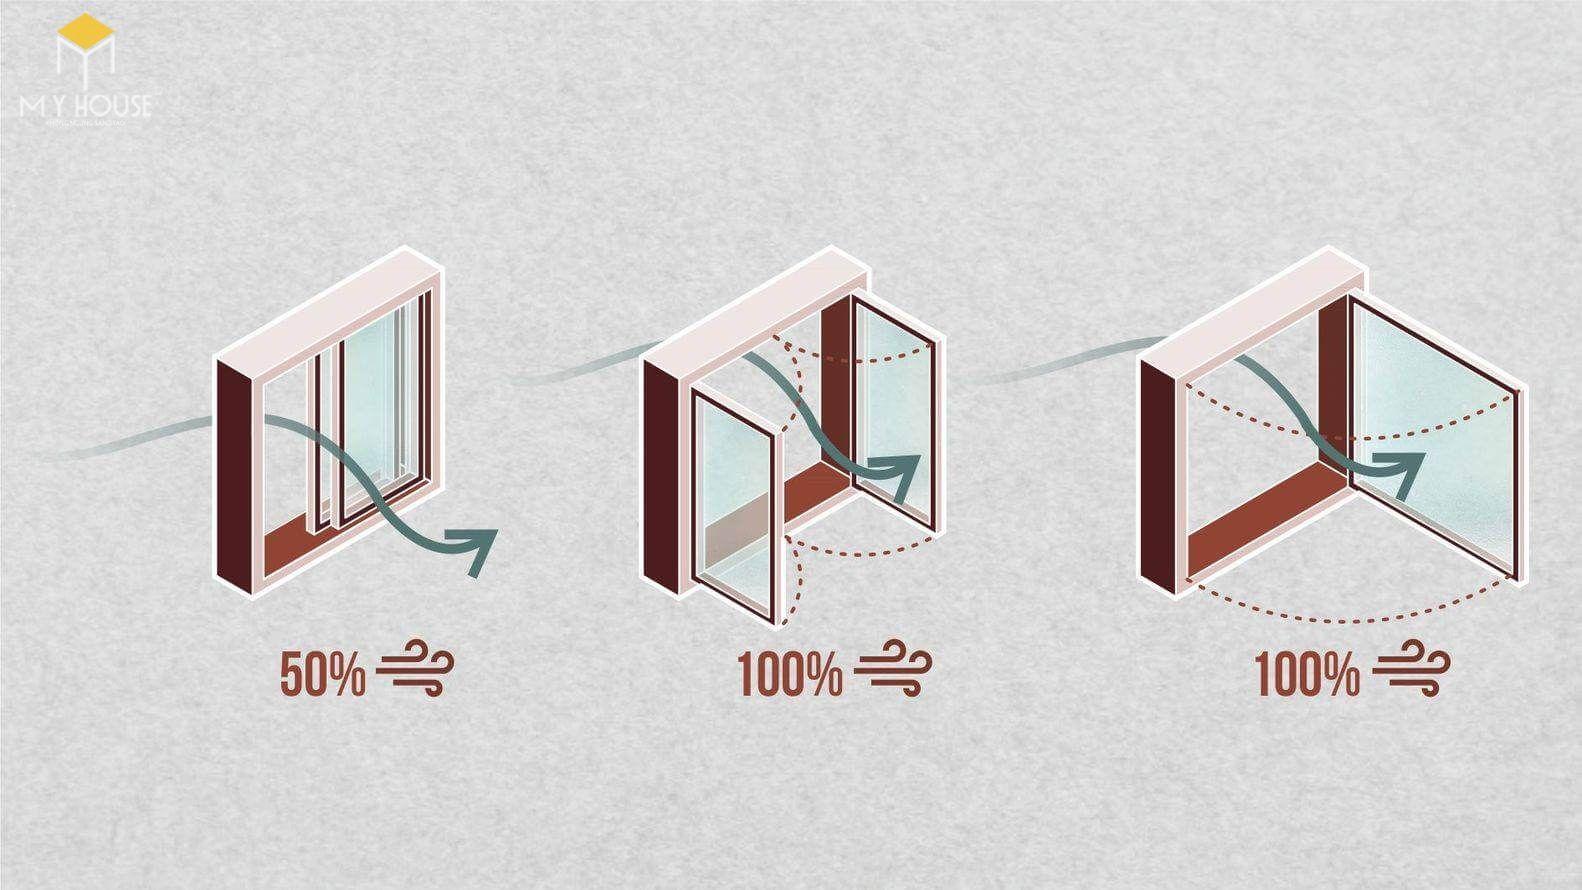 Lựa chọn cửa sổ hợp lý cho hiệu quả thông gió hiệu quả